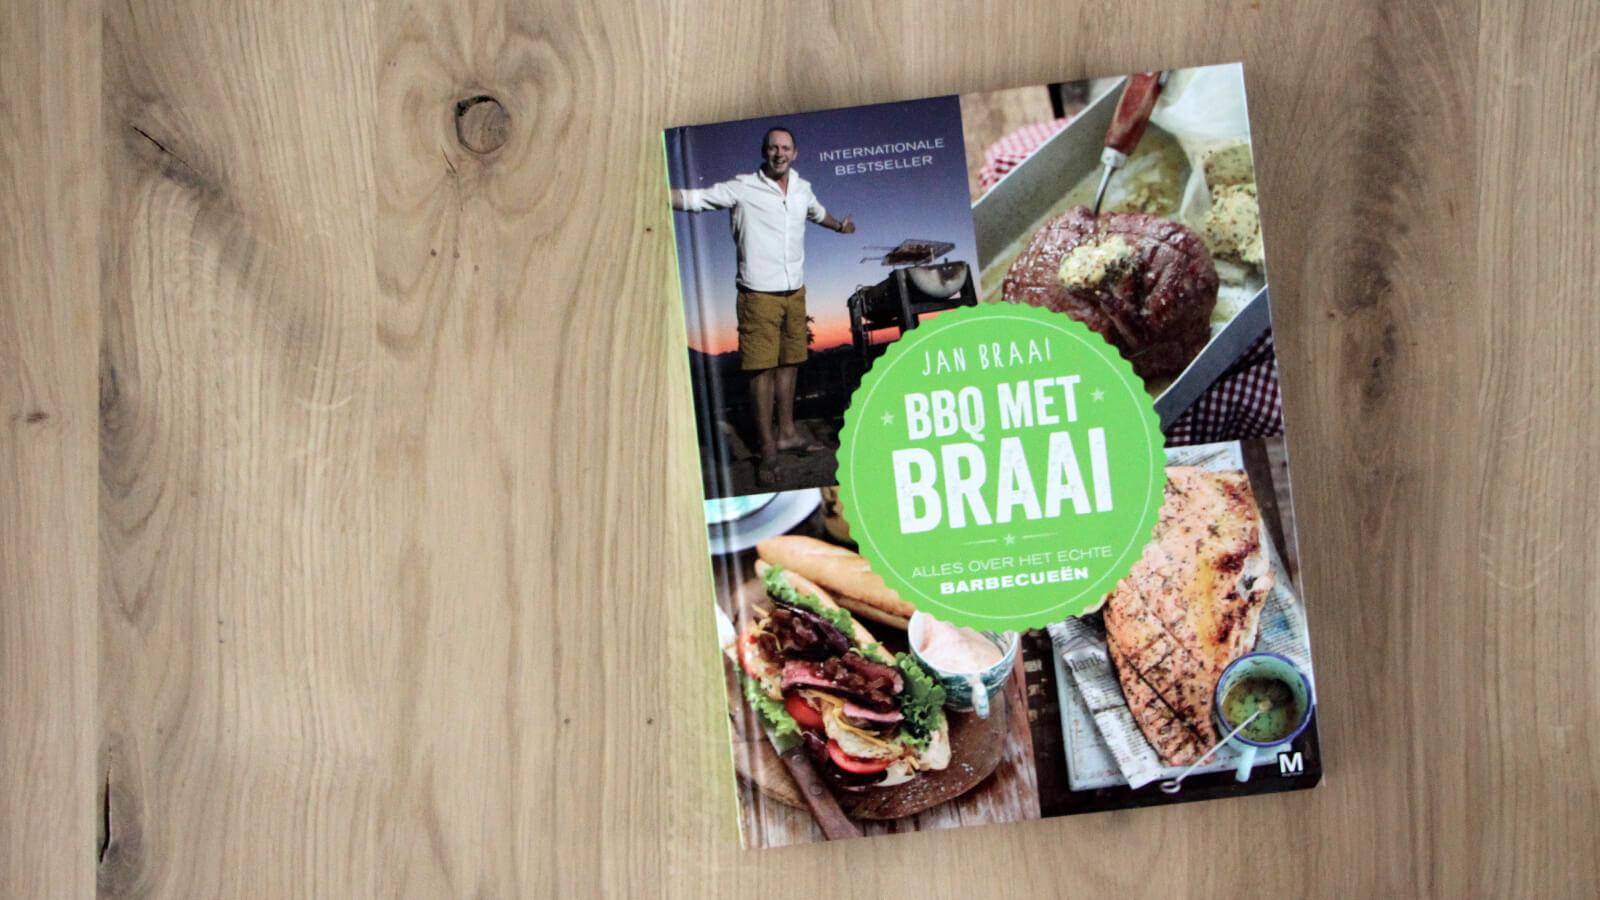 BBQ met Braai, van Jan Braai